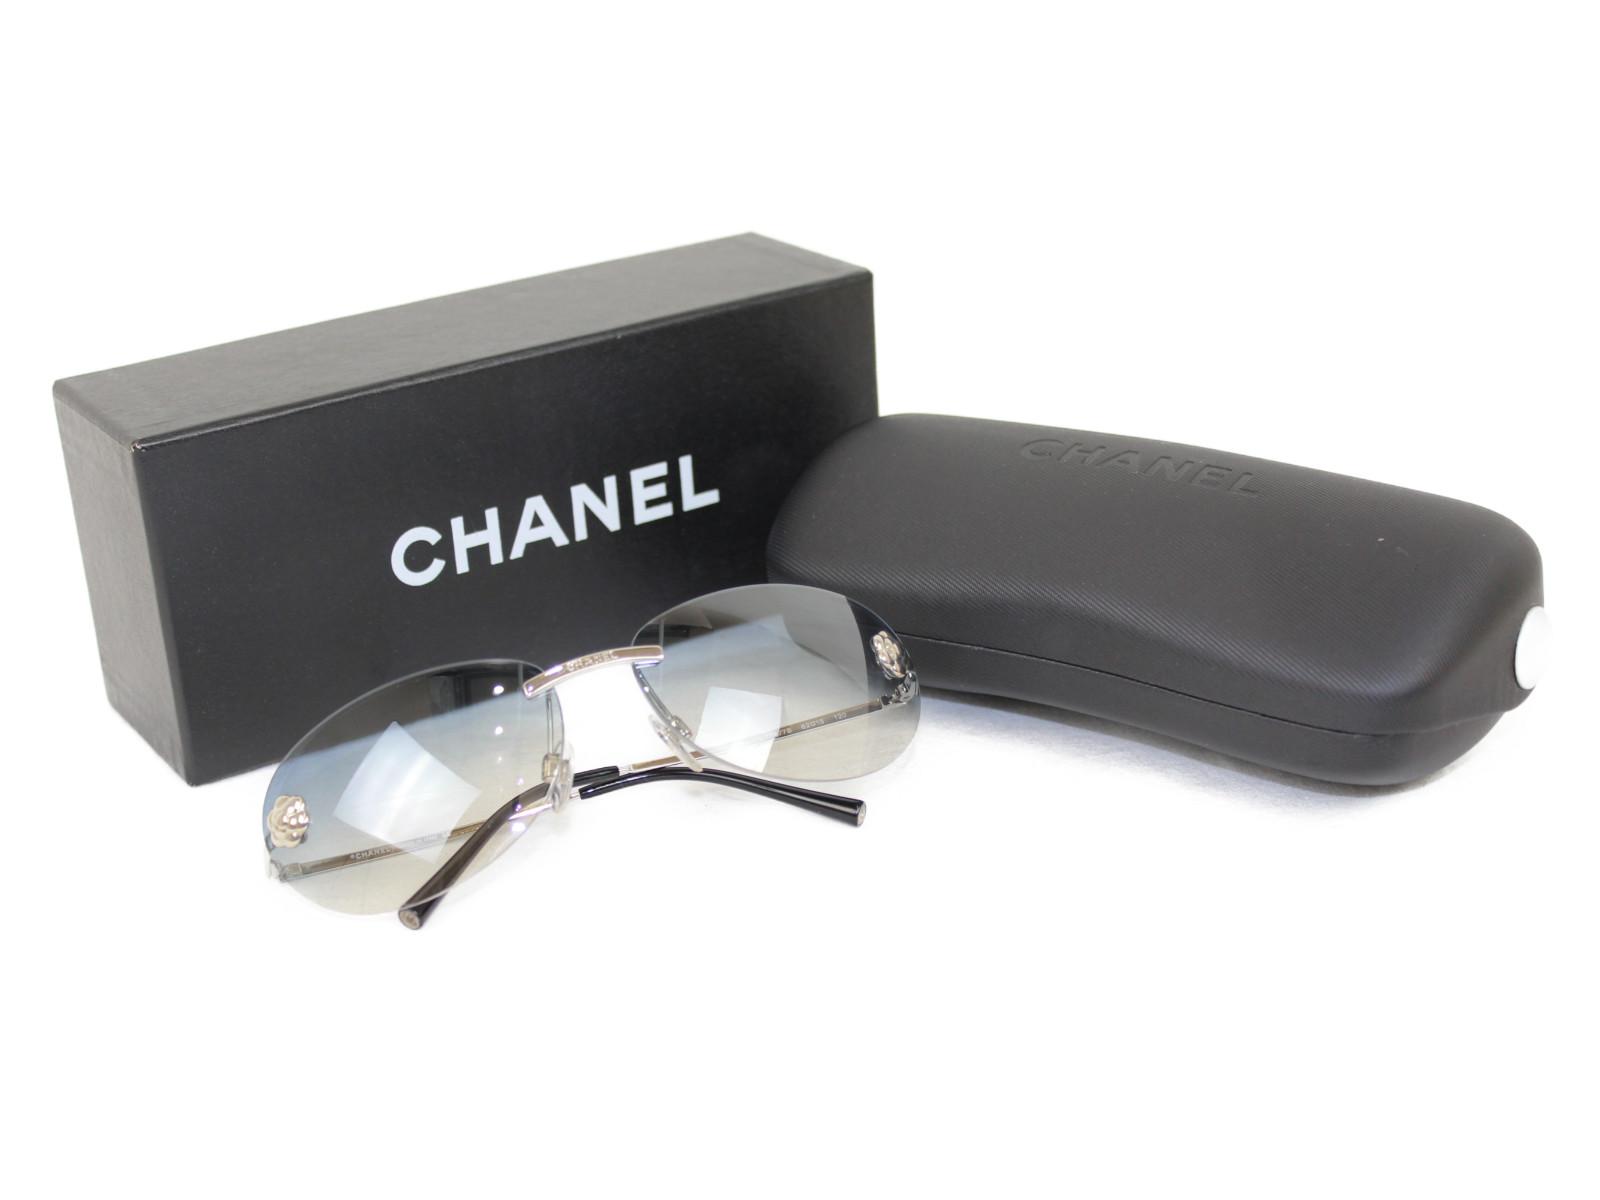 【箱あり】 CHANEL シャネル カメリアマークサングラス 4084 c.124/7B シルバー×グレー系   レディース ユニセックス メンズ ウィメンズ 小物 眼鏡 幅広 【中古】